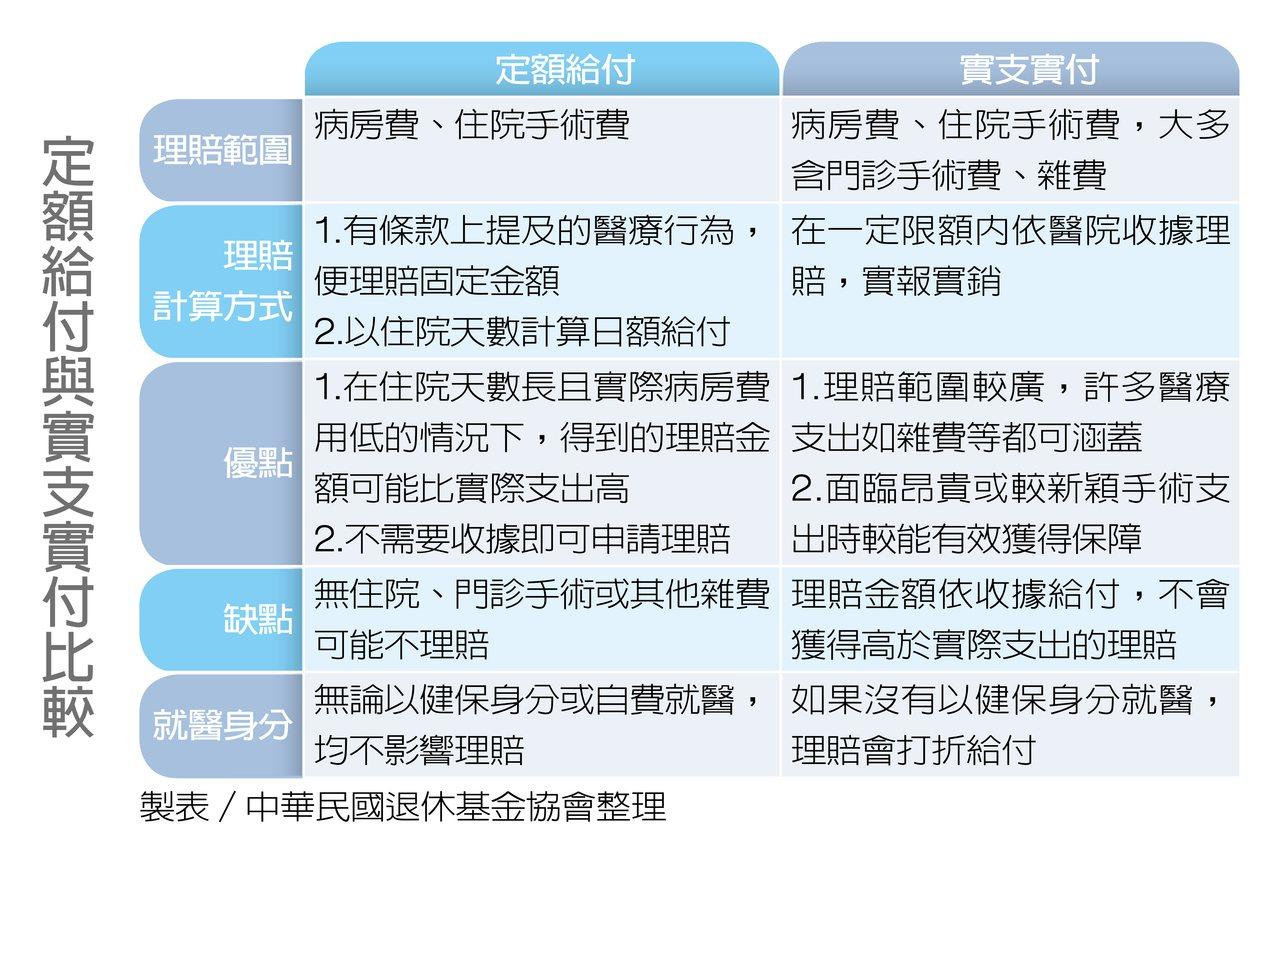 定額給付與實支實付比較 製表/中華民國退休基金協會整理